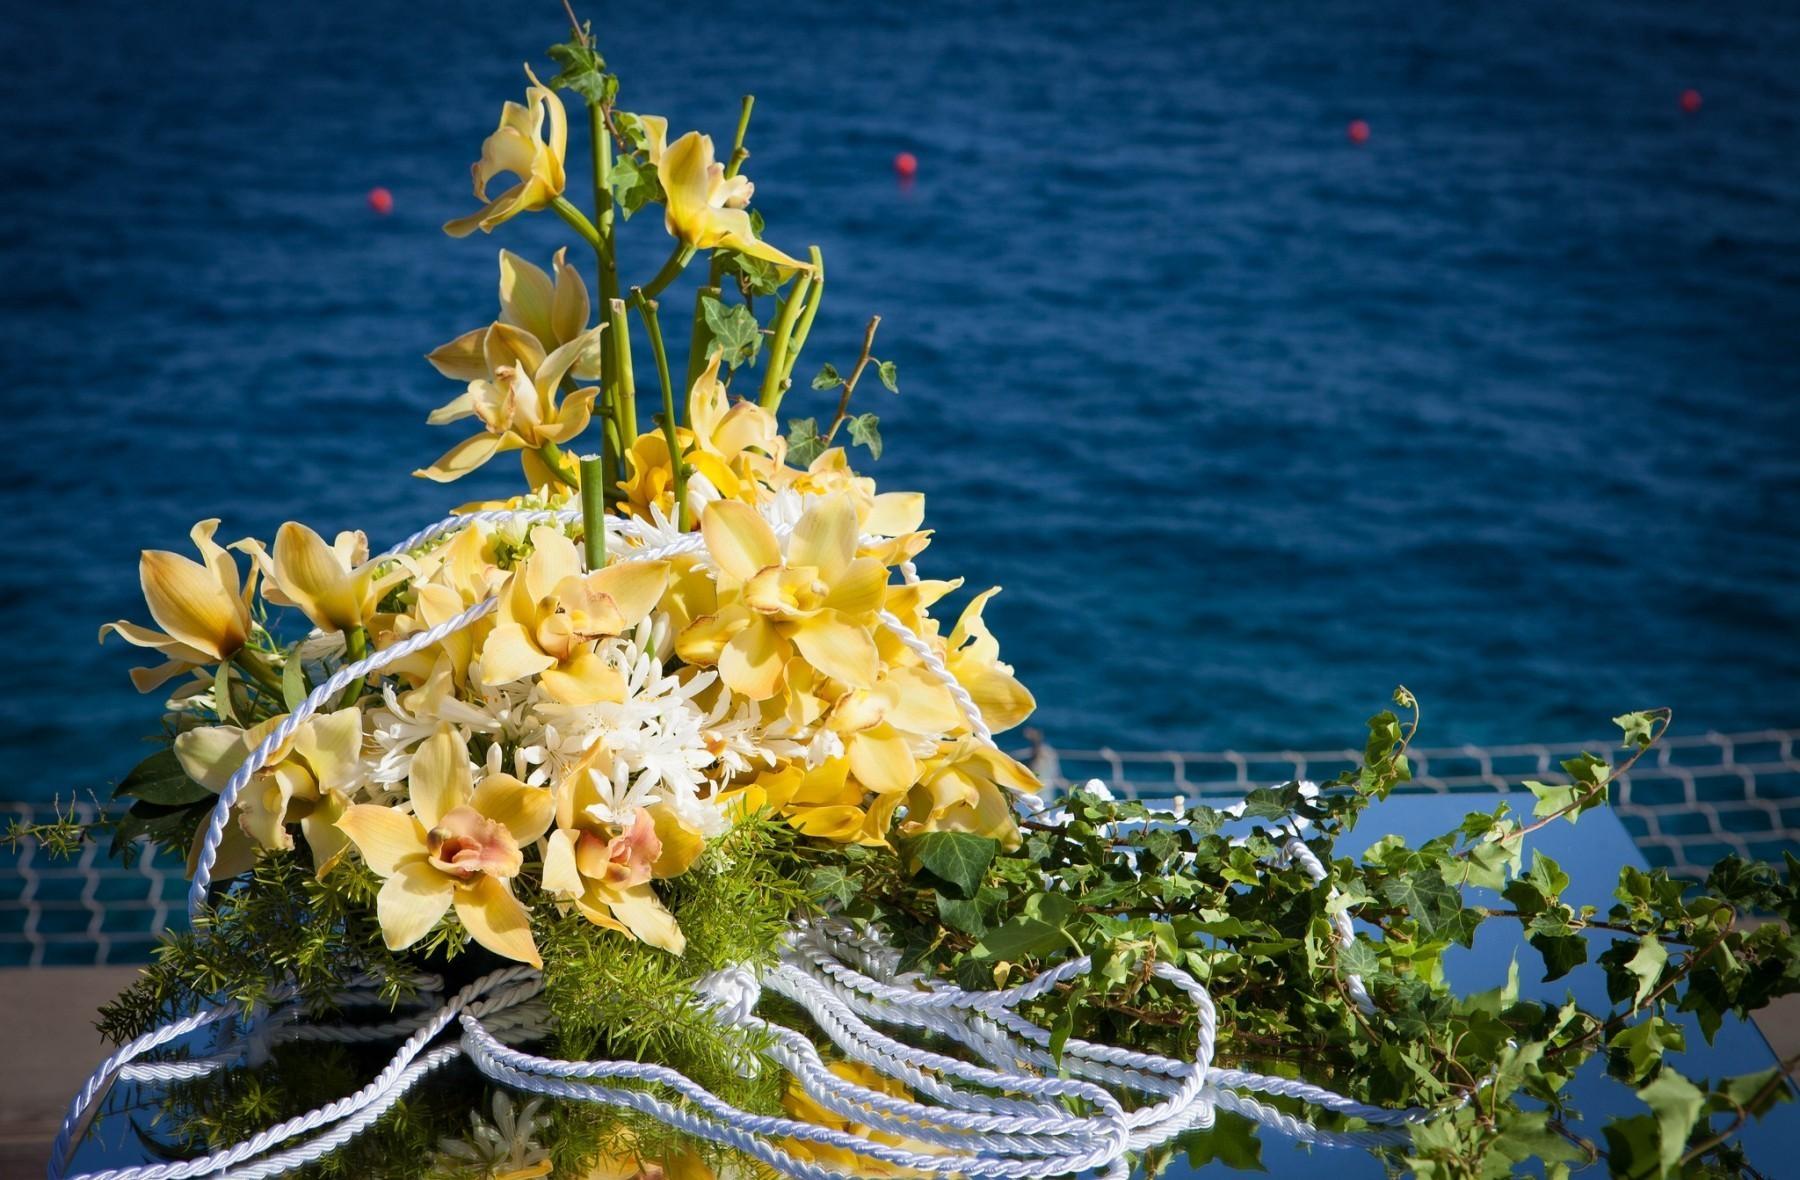 открытки цветы на берегу океана позволяет обессилить врага